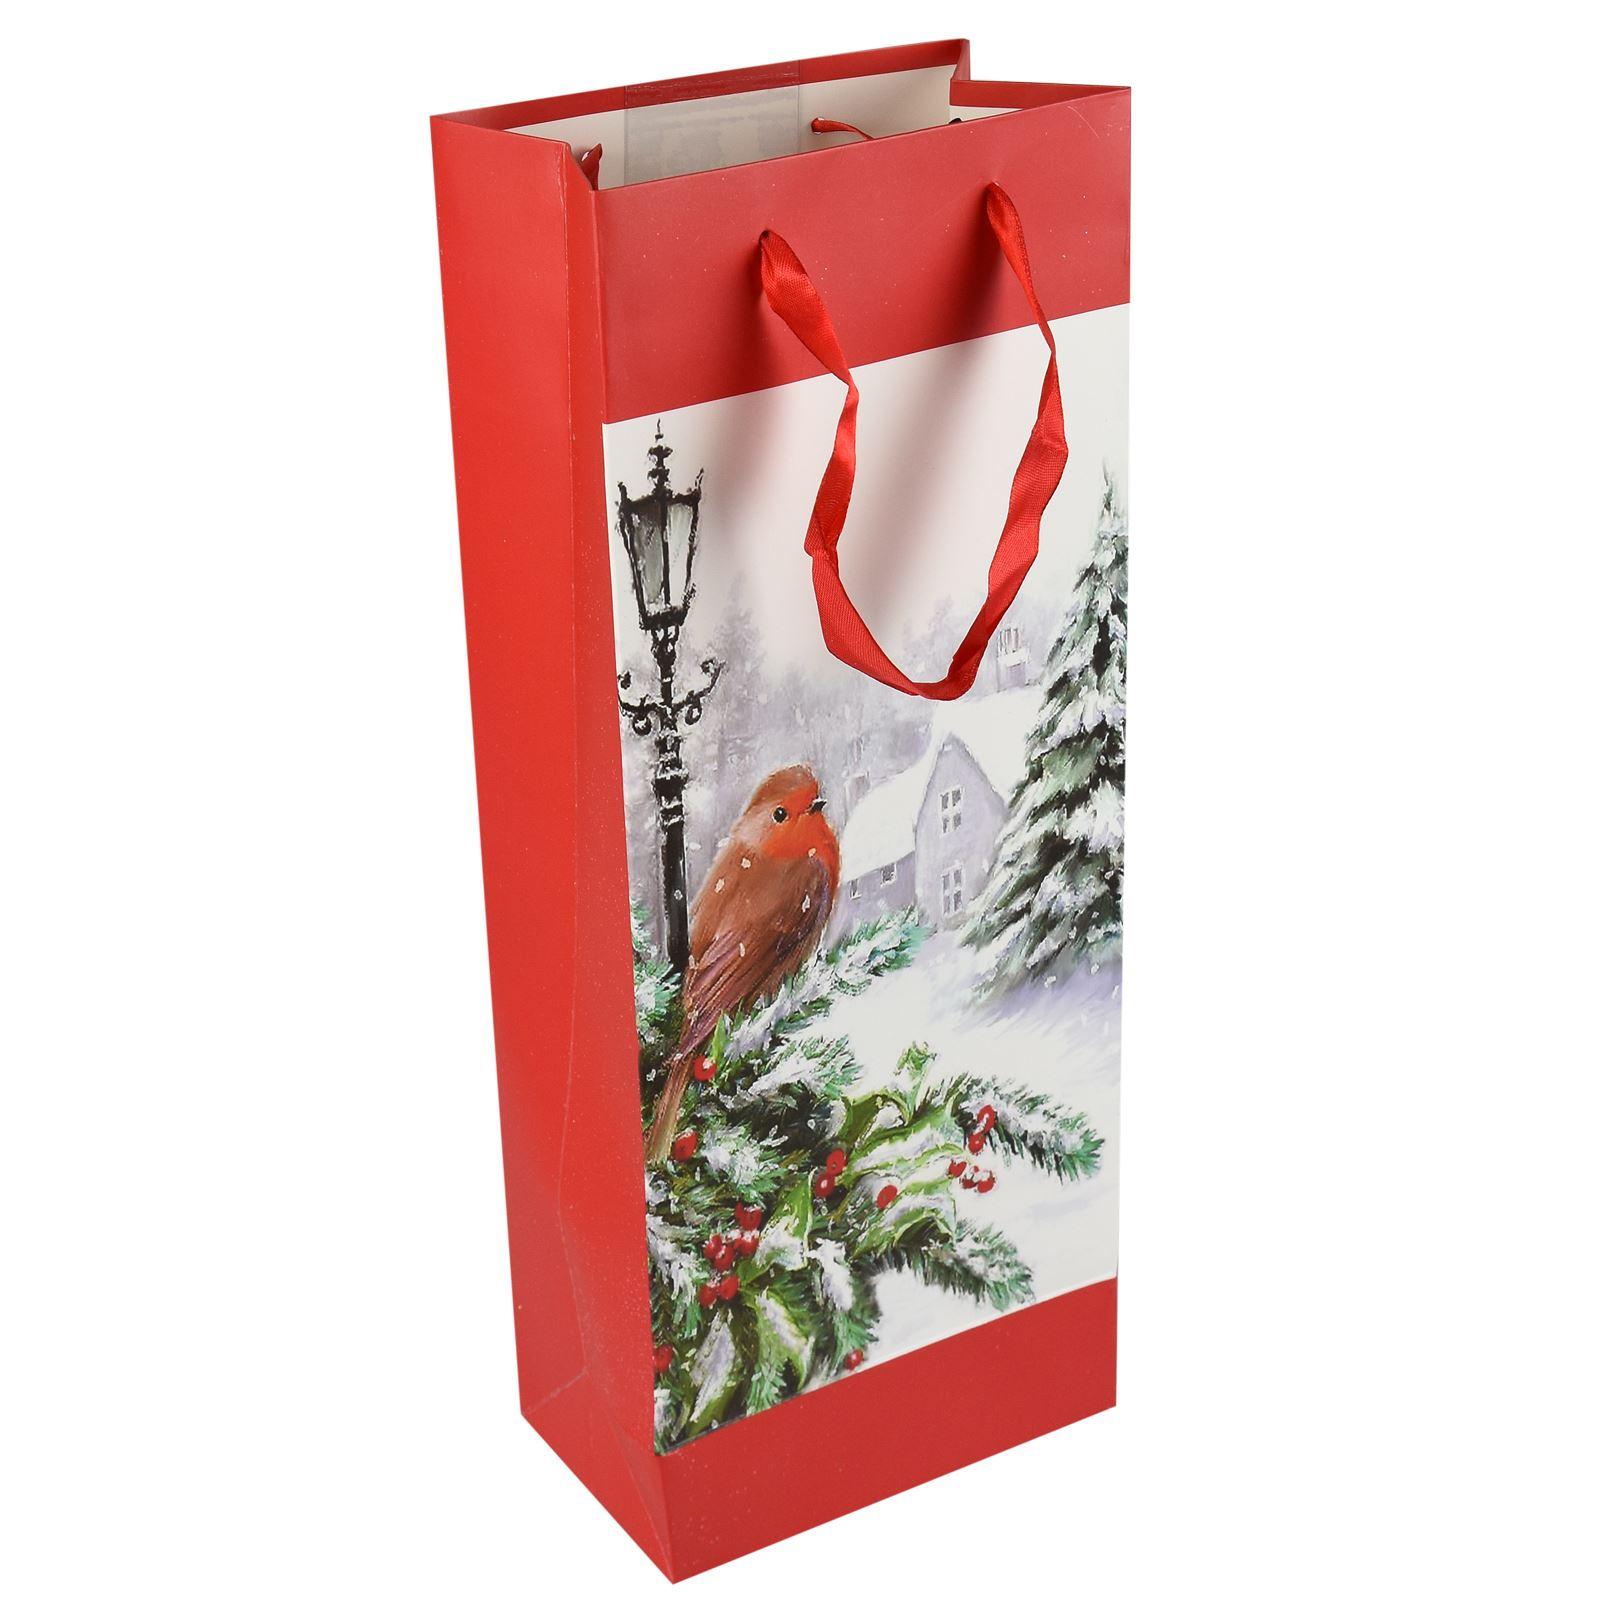 Tradizionale-Regalo-di-Natale-Borse-Regalo-Natale-Inverno-Glitter-Design-Paper-Carrier miniatura 6